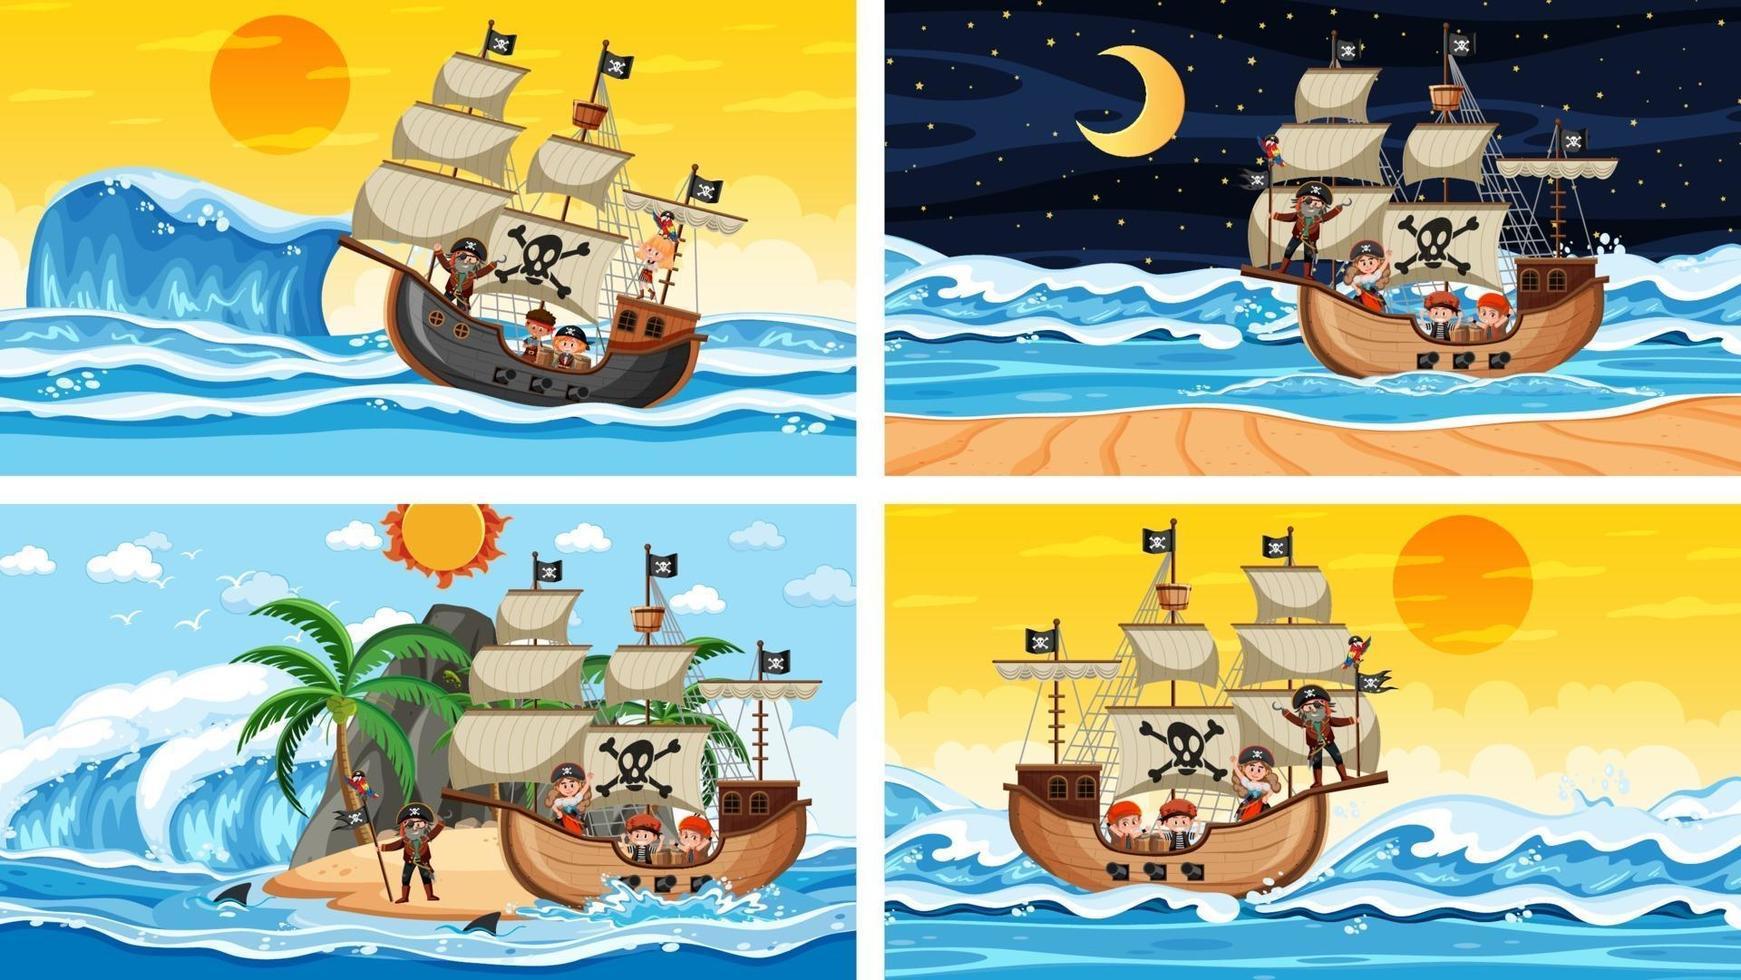 conjunto de diferentes escenas de playa con barco pirata y personaje de dibujos animados pirata vector